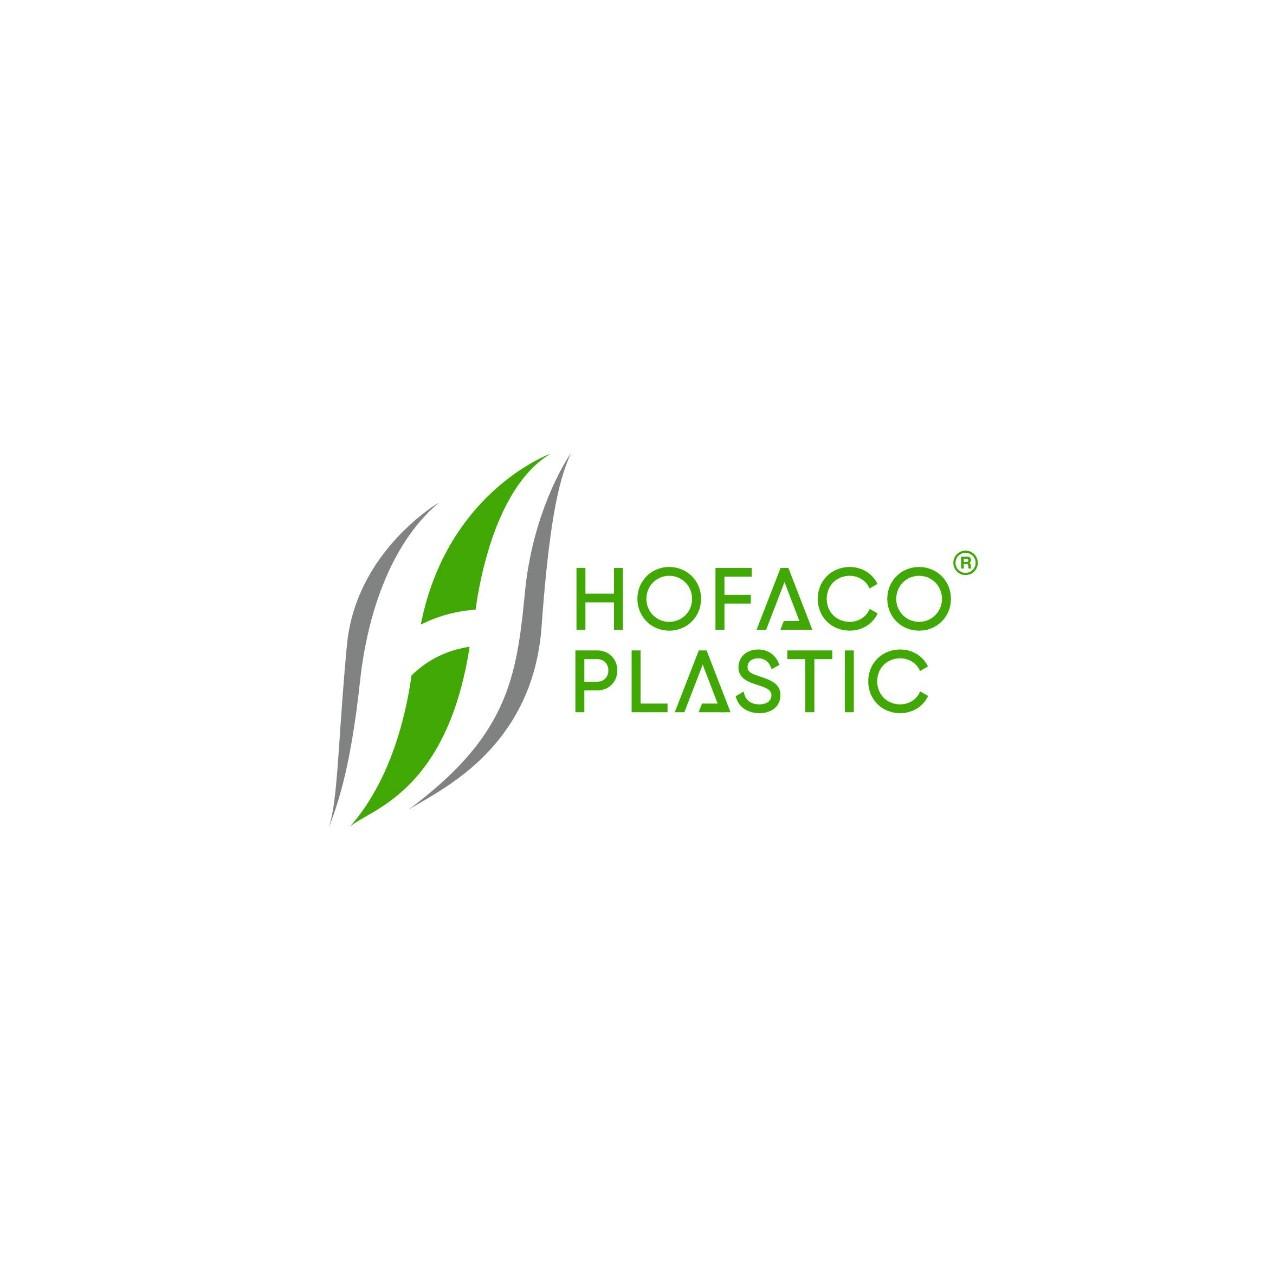 CÔNG TY TNHH HOFACO PLASTIC